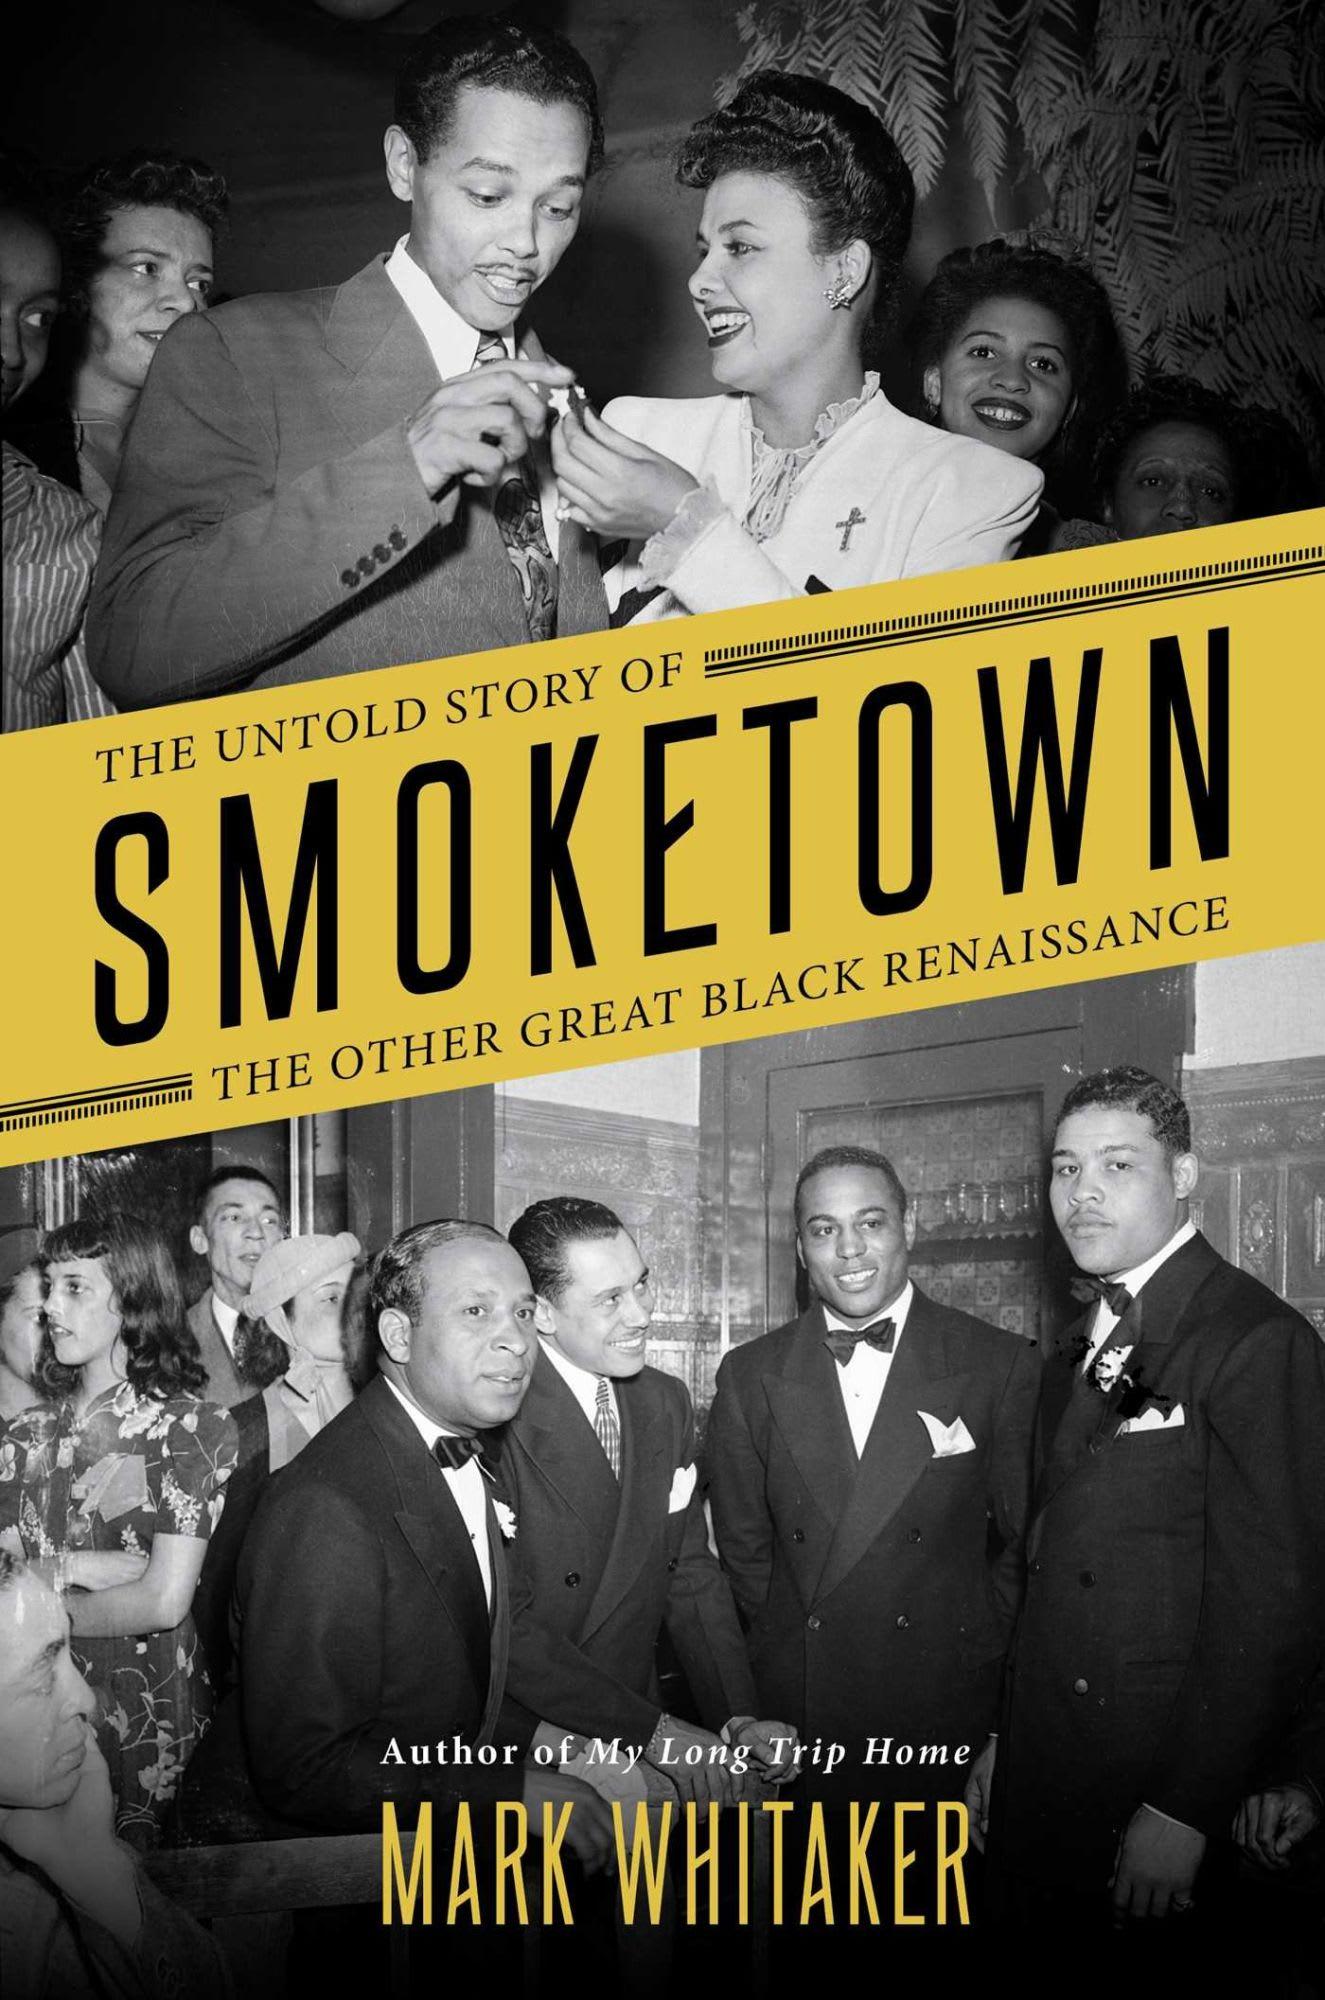 Smoketown wtaknr